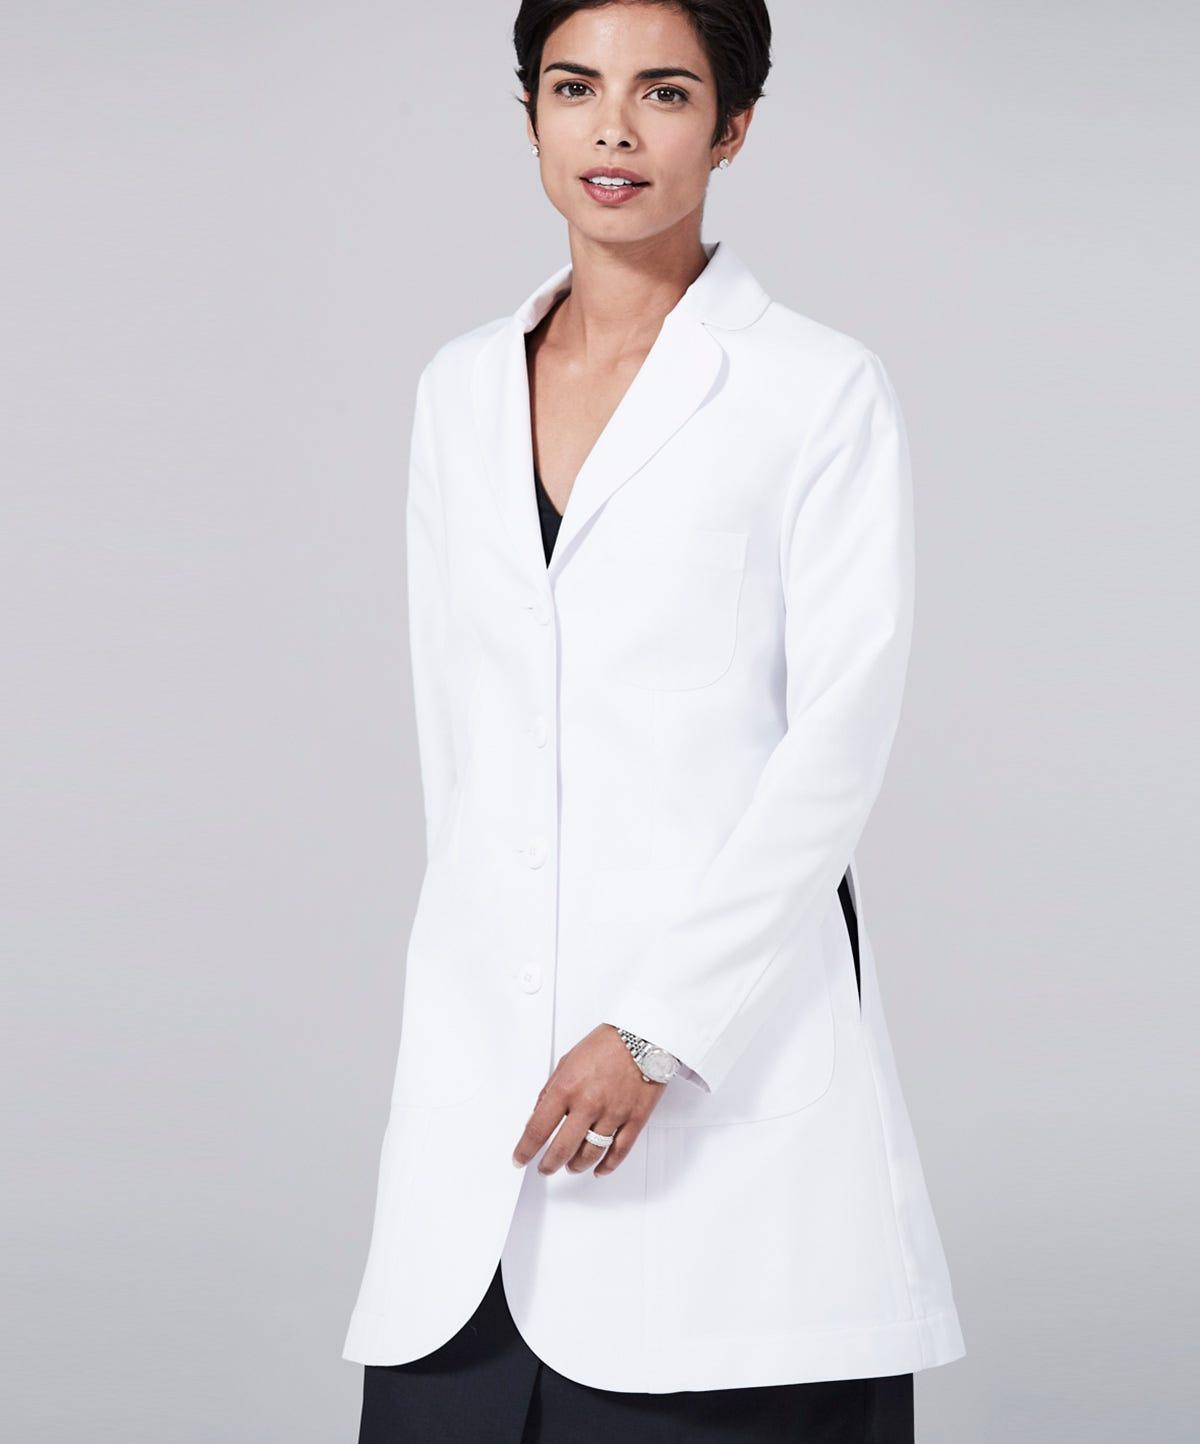 White apron for doctors online - M3 Ellody Lab Coat Petite Fit